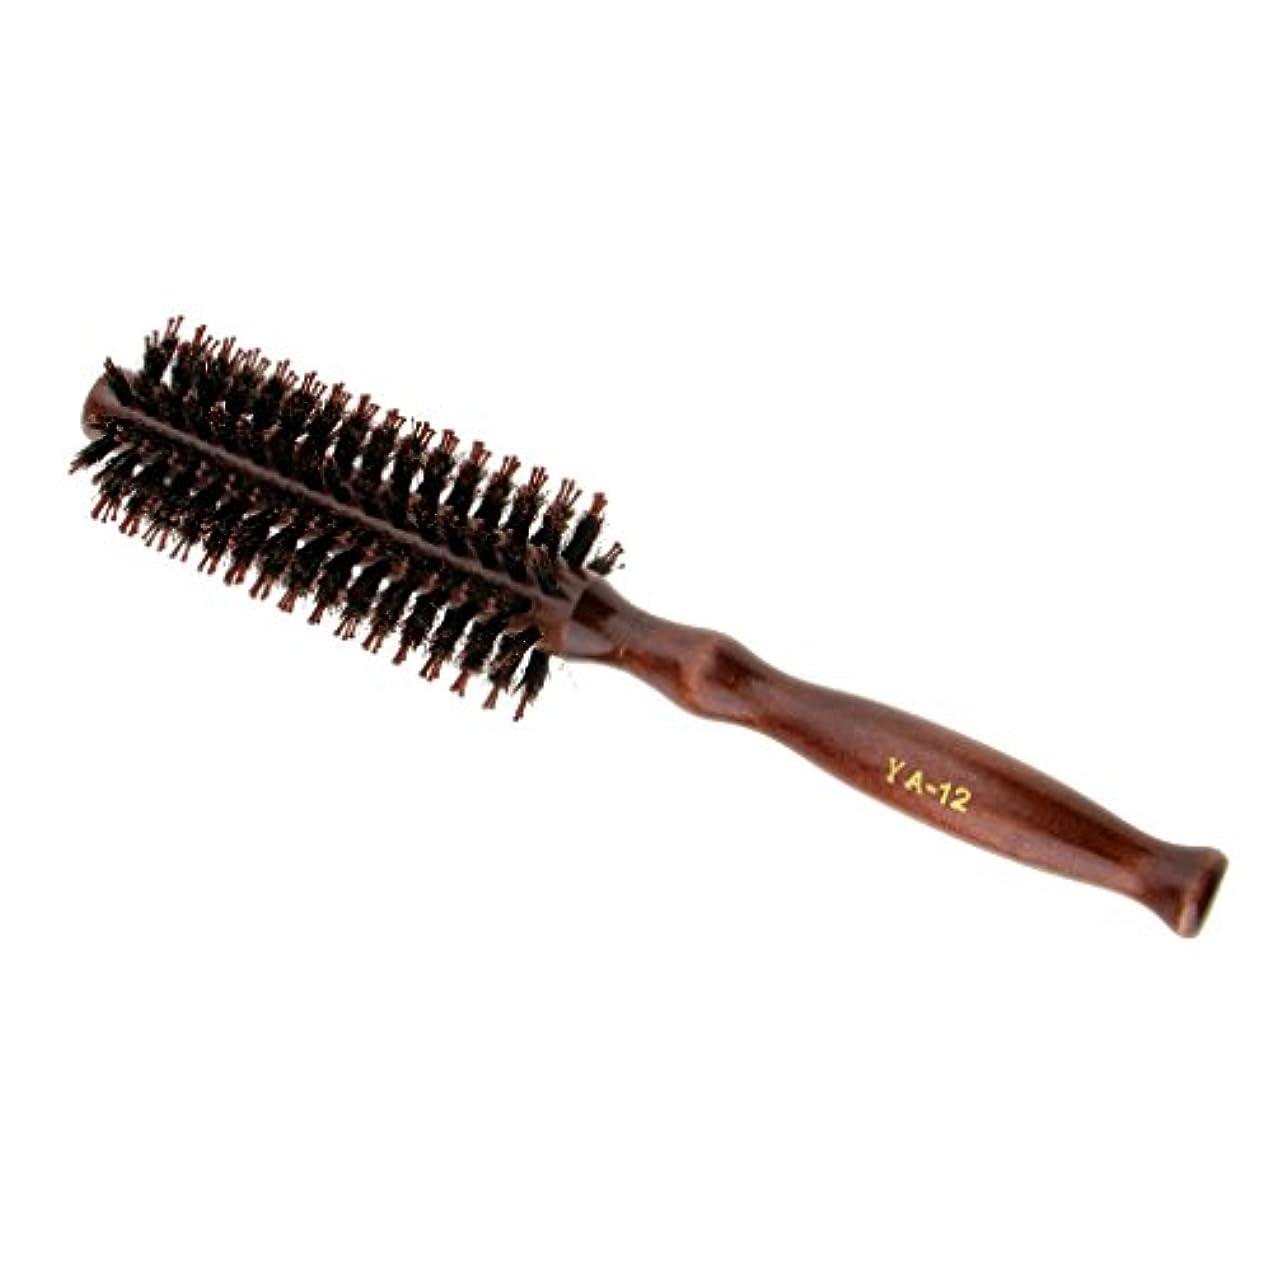 説明する刈り取る発信Perfeclan ロールブラシ ヘアブラシ カール 巻き髪 頭皮マッサージ ウッド ハンドル 理髪 カール 2タイプ選べる - #2